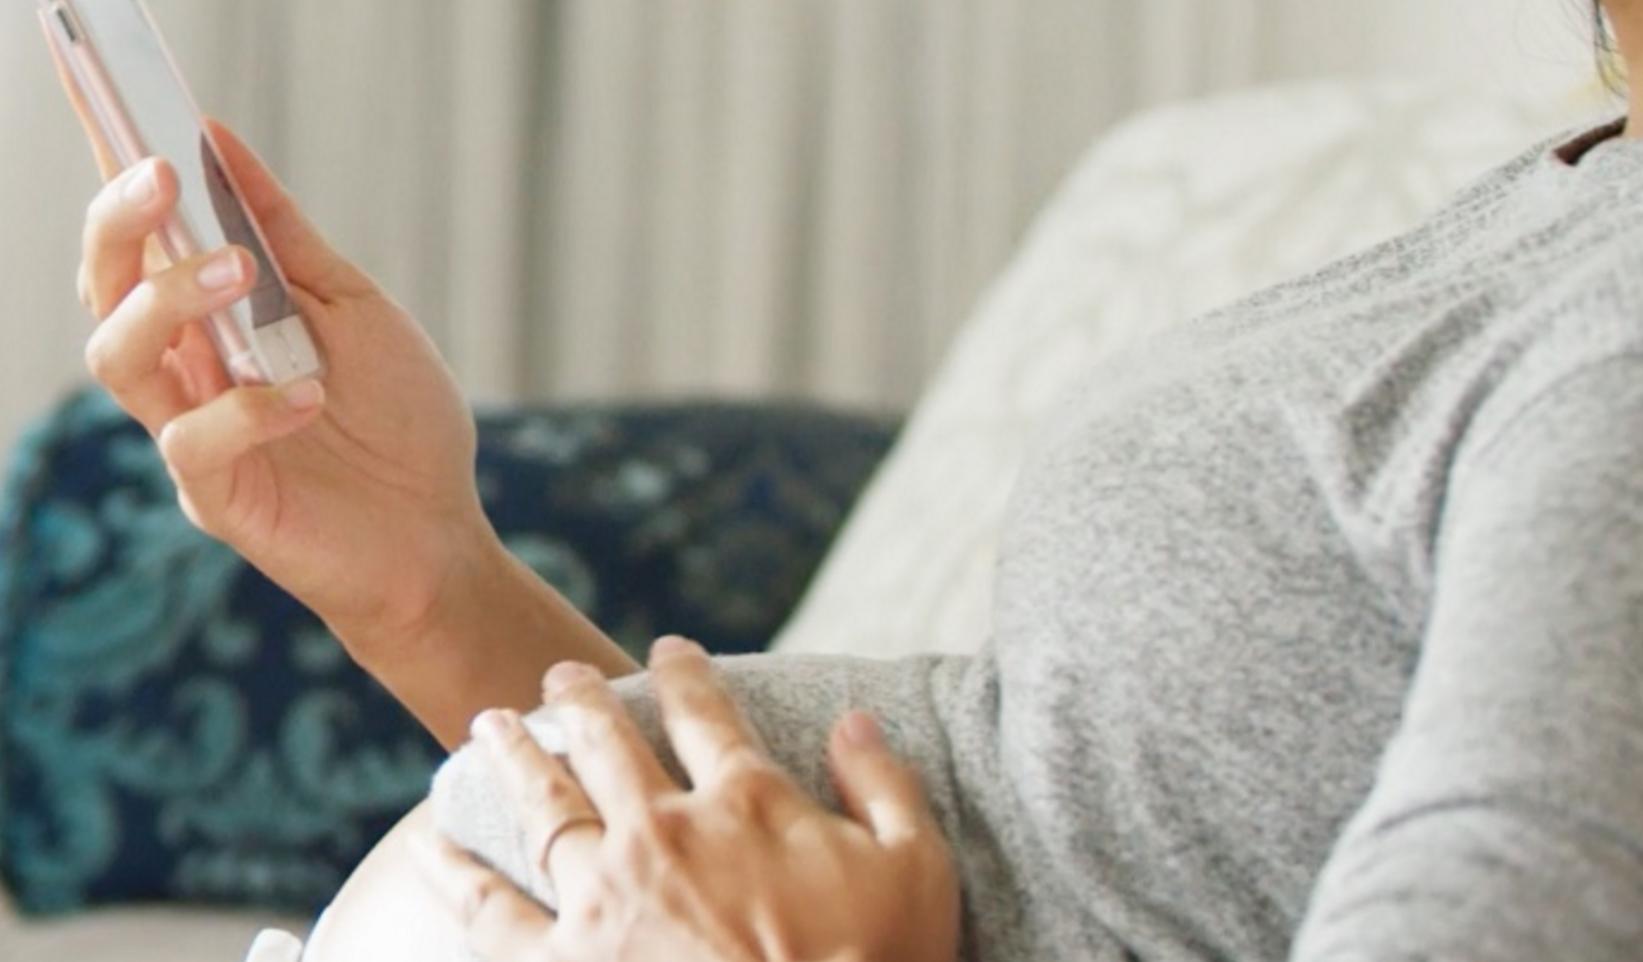 BloomLife获230万美元资金支持帮助孕妇产前实时检测 智能设备 第2张-泥人传说